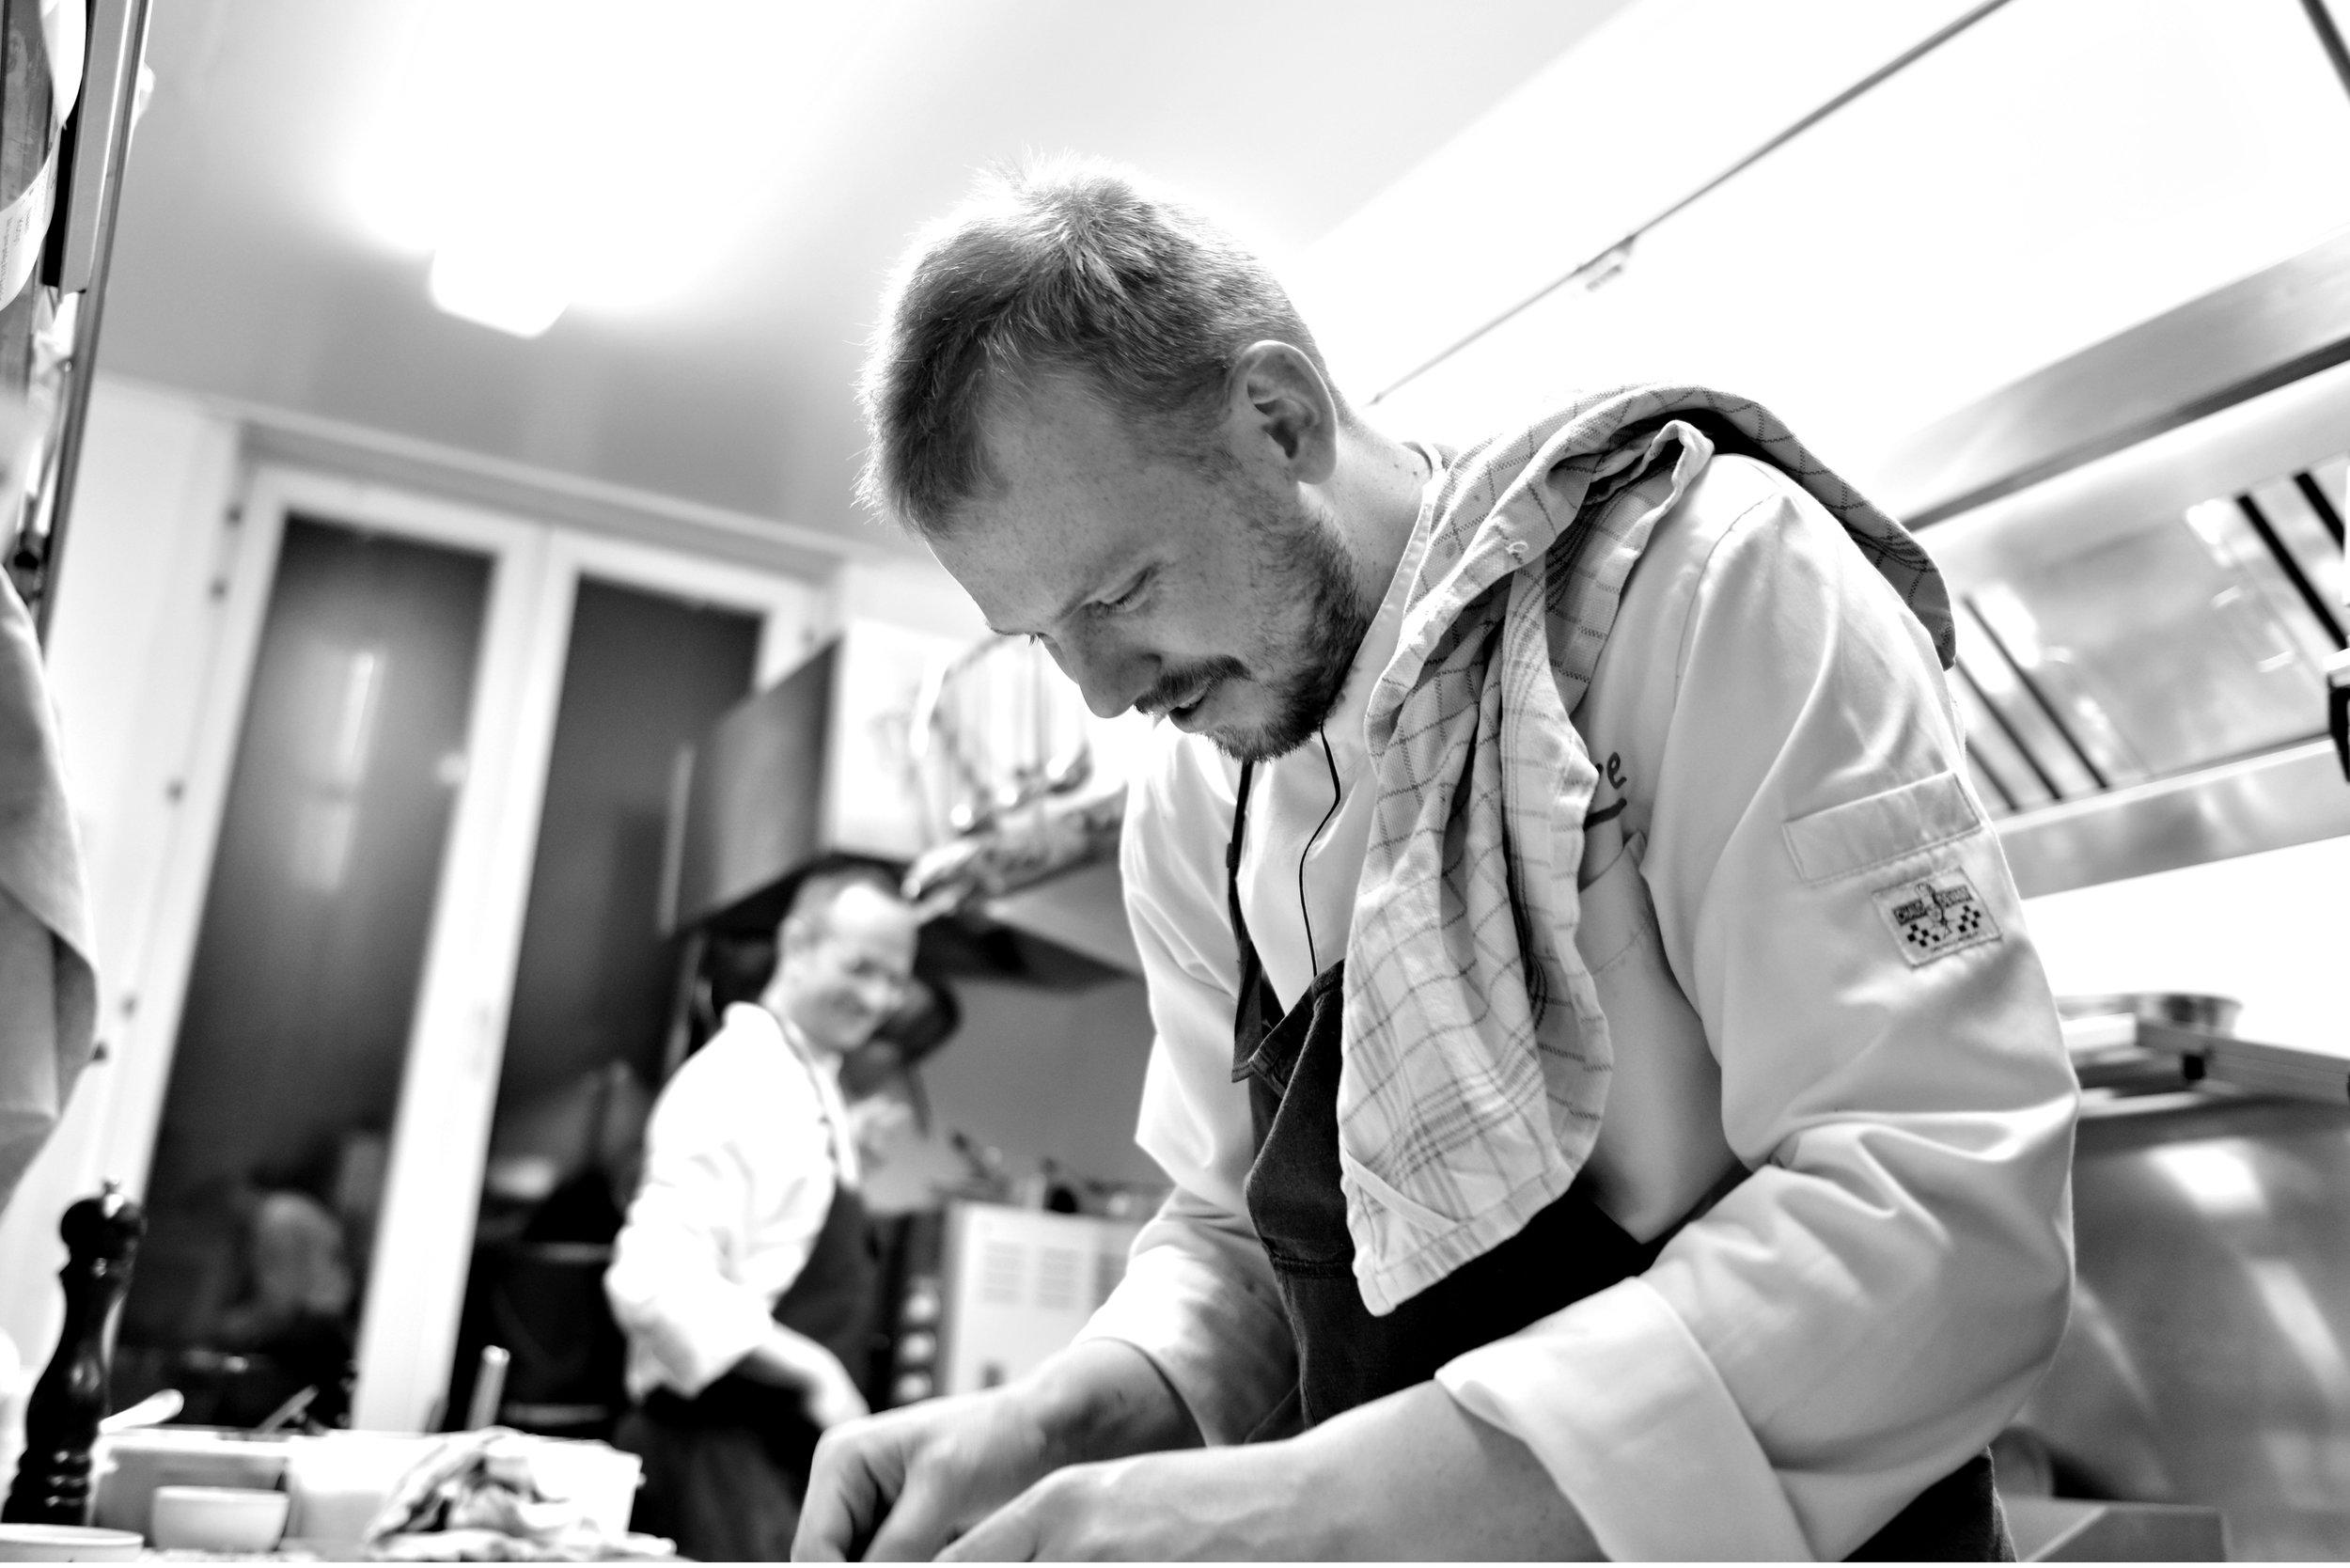 22 restaurant de lieve gent tablefever bart albrecht culinair fotograaf foodfotograafkopie.jpg